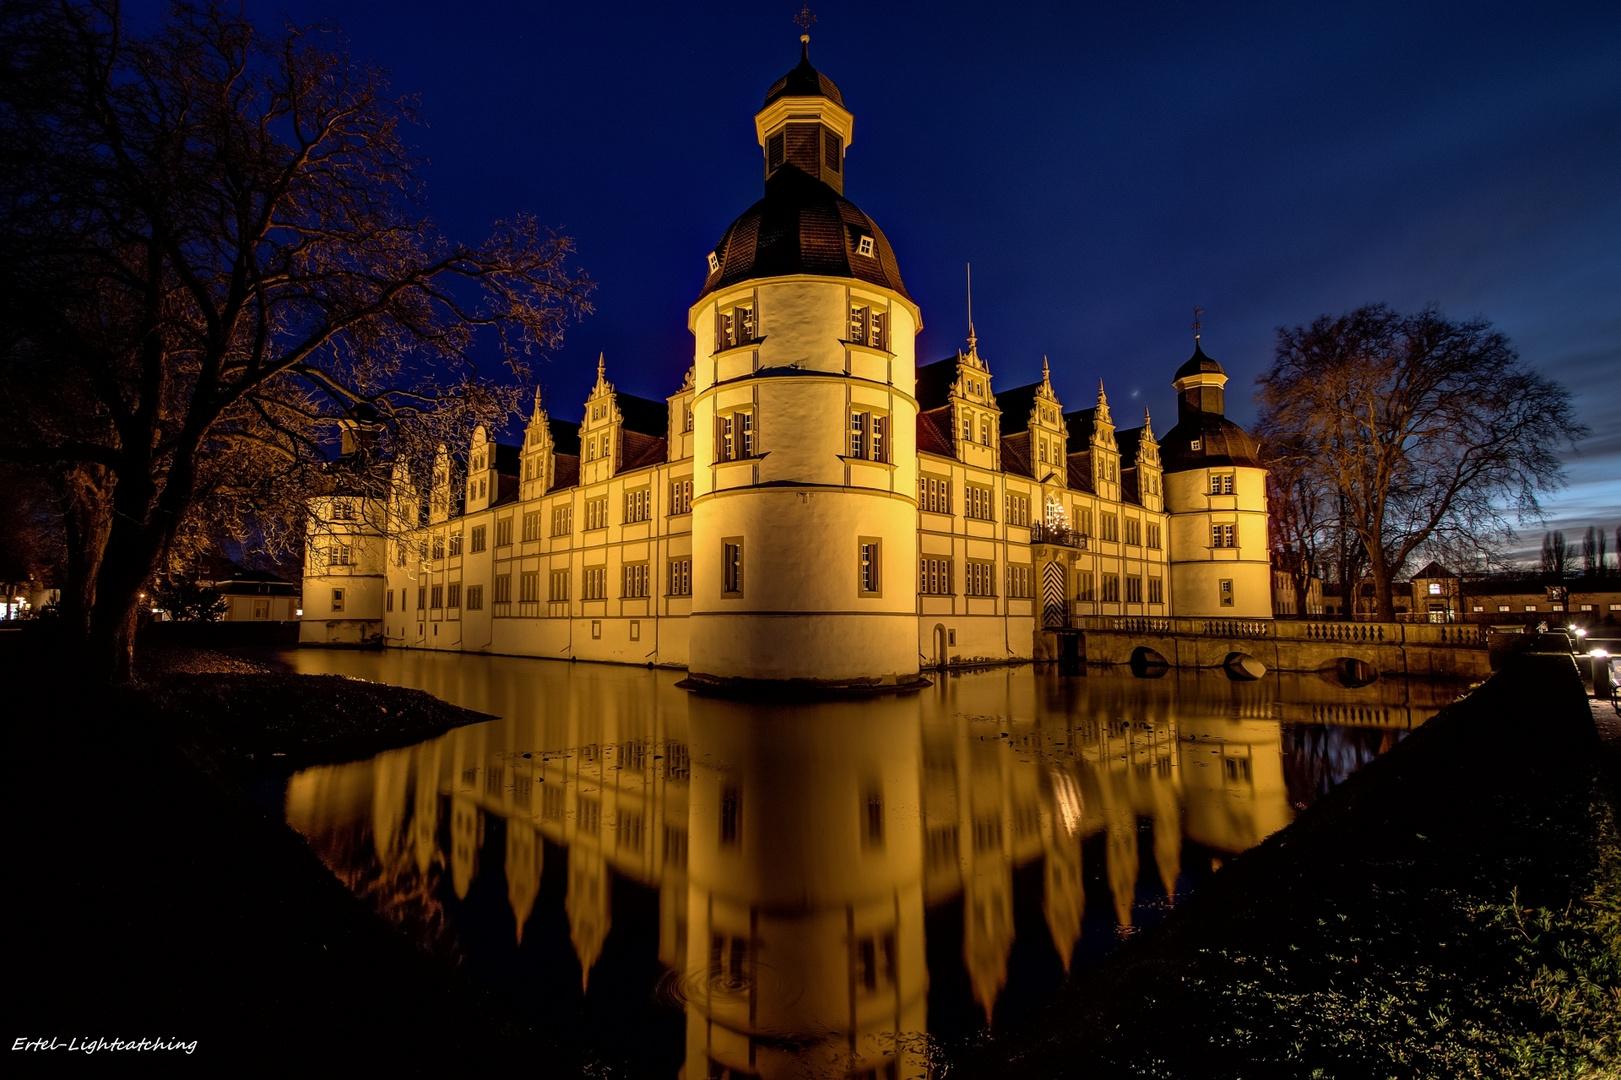 Schloß in Paderborn-Neuhaus am Abend